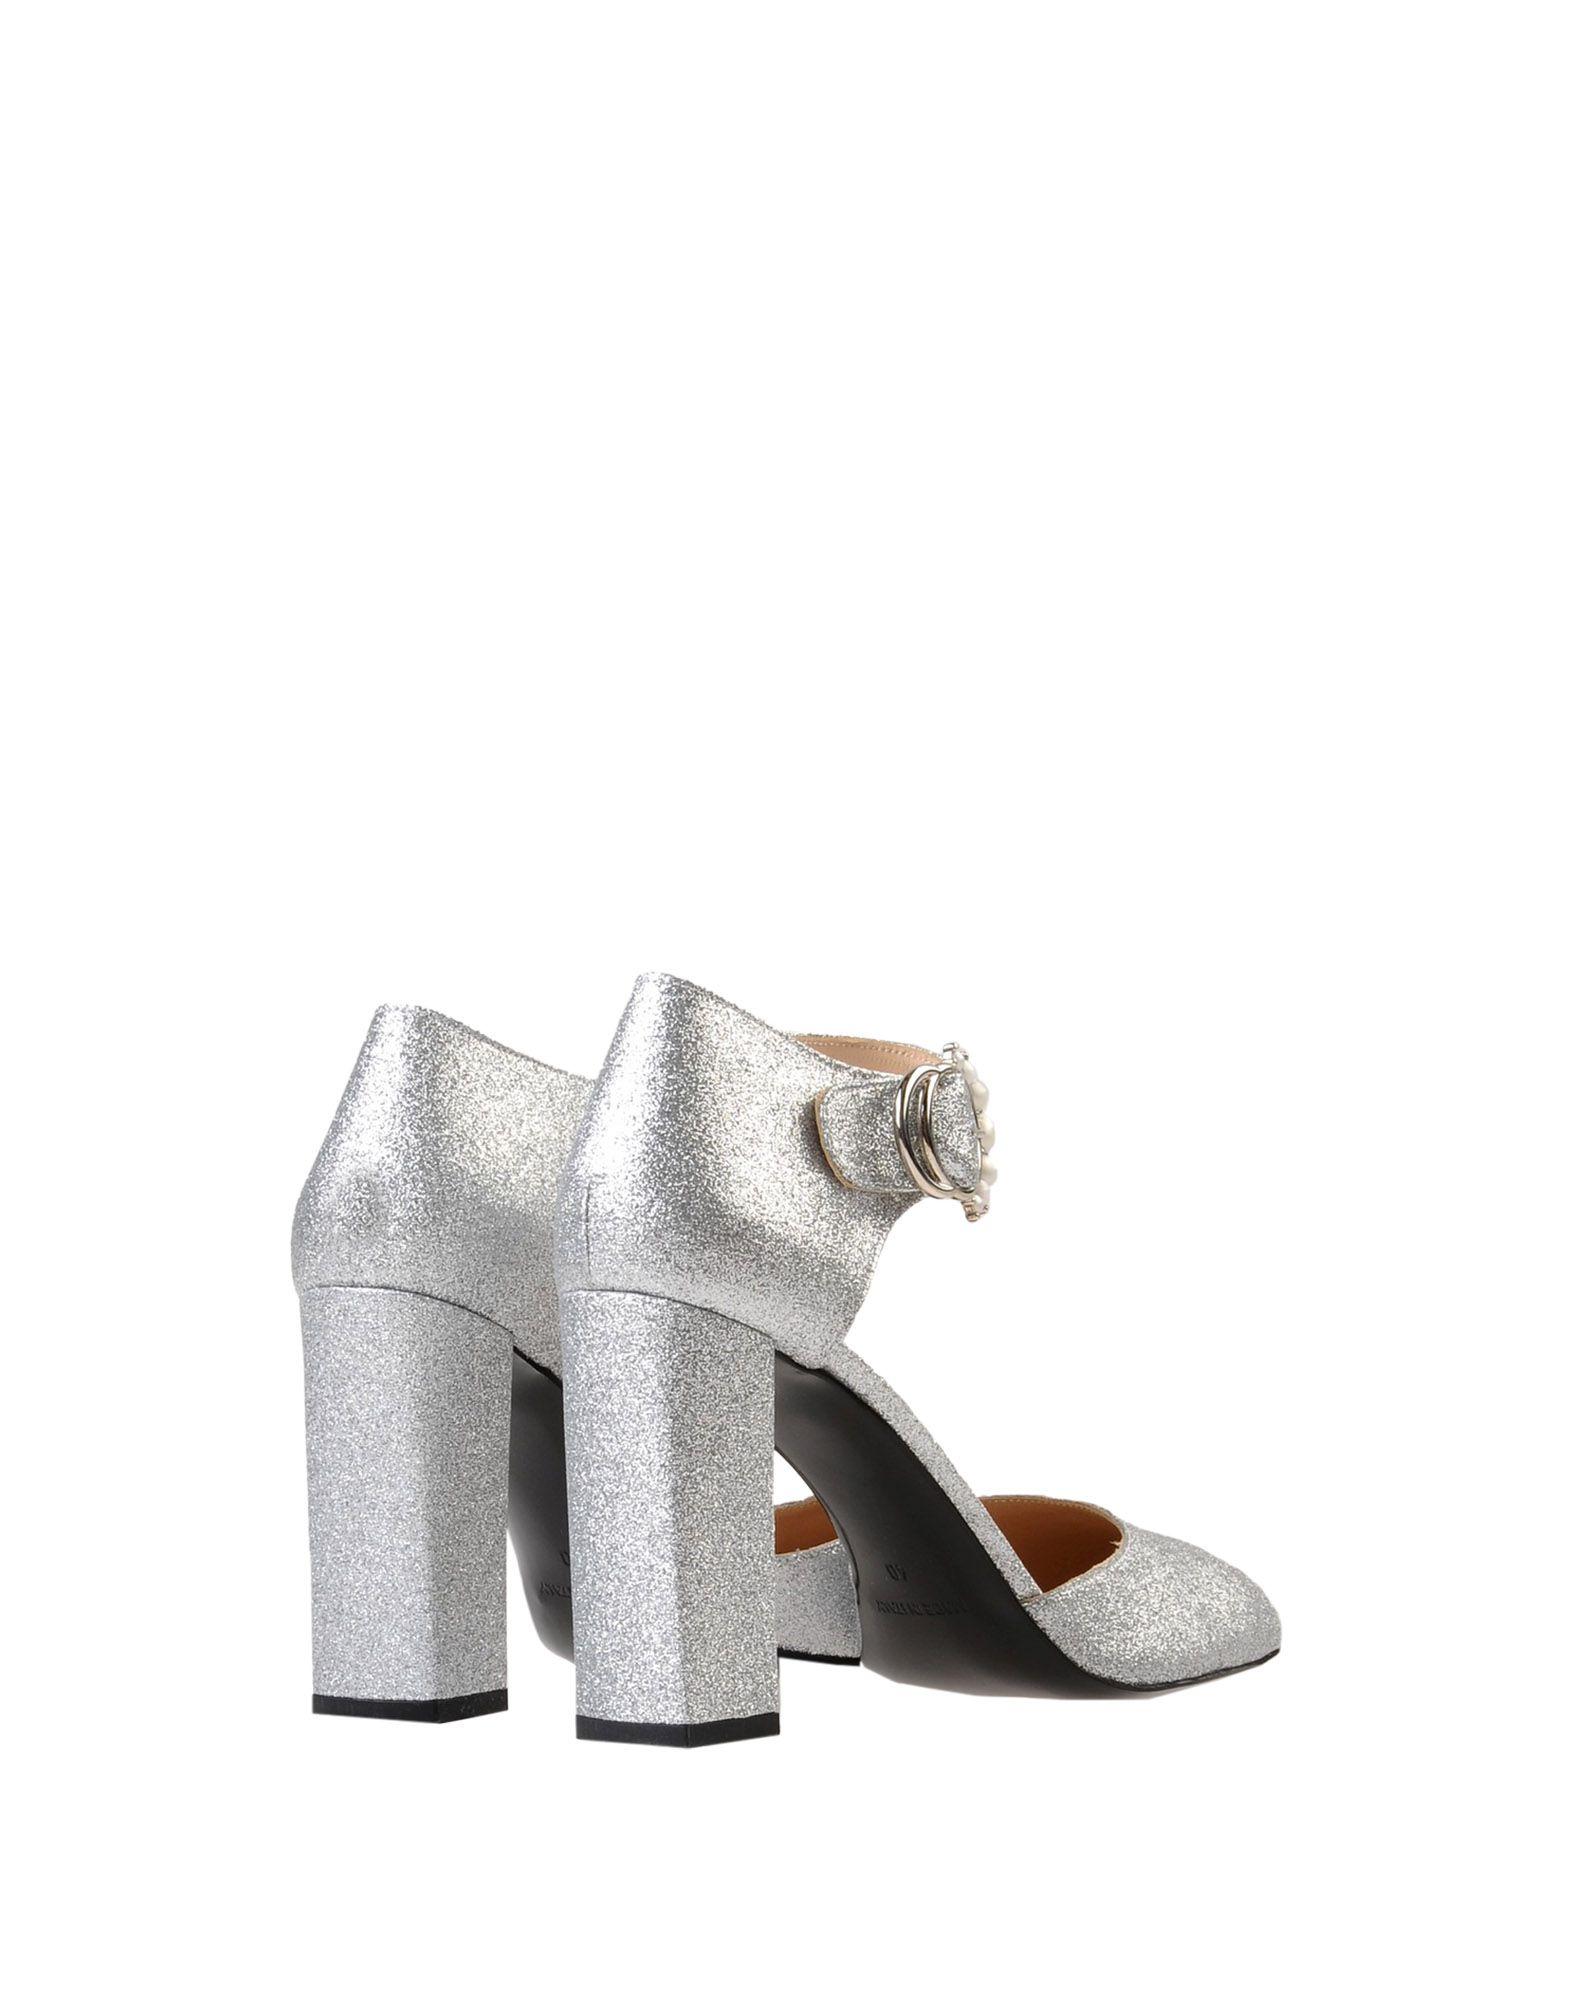 Gut um billige Damen Schuhe zu tragenGeorge J. Love Pumps Damen billige  11538435DR 850121